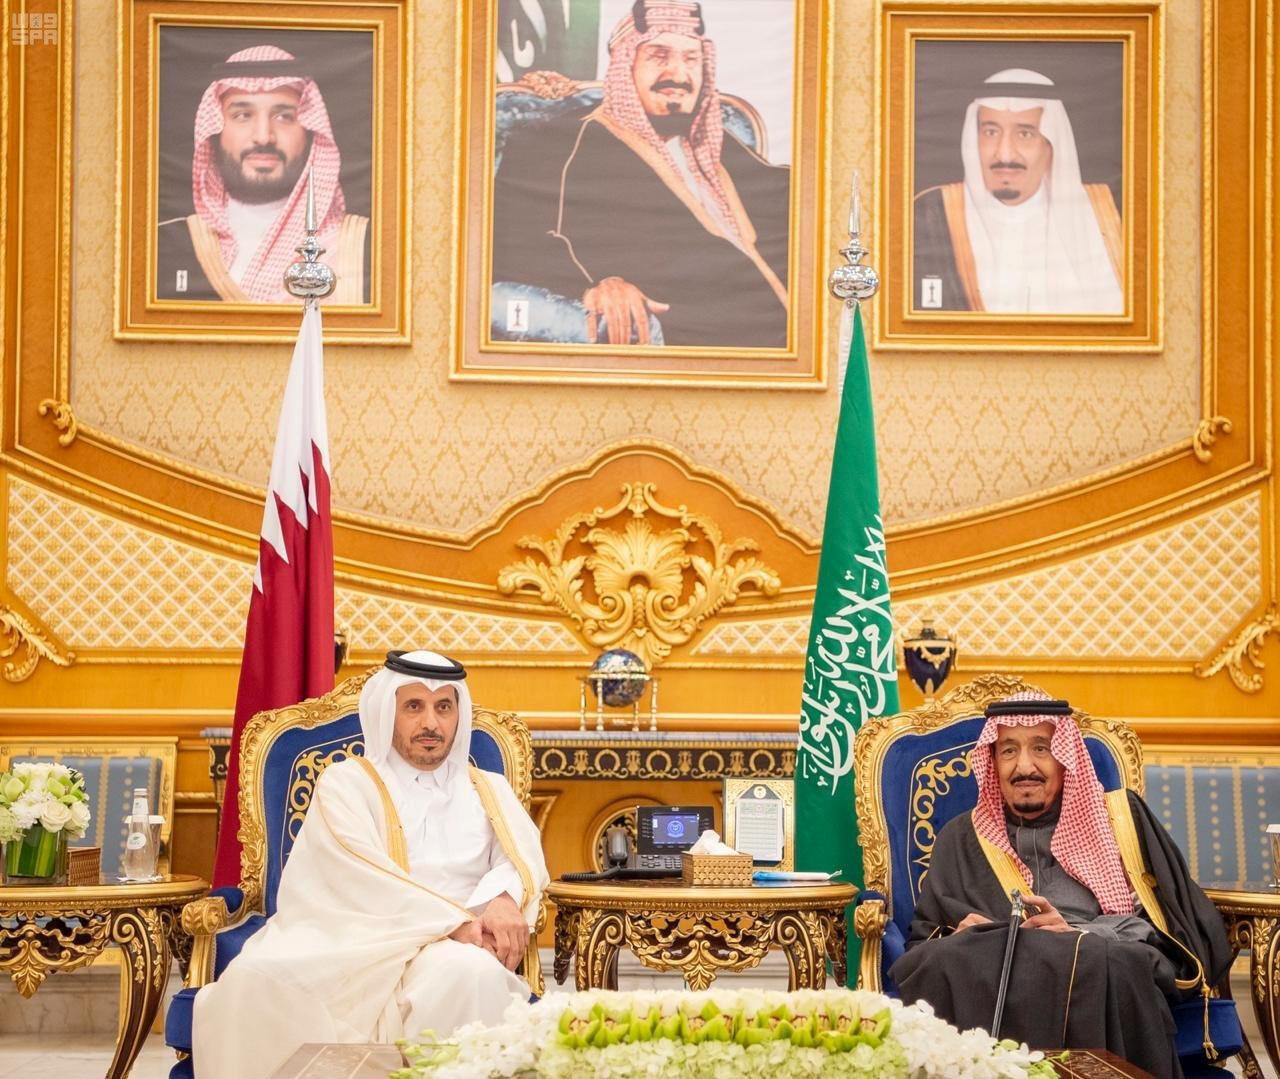 មហាក្សត្រអារ៉ាប៊ីសាអូឌីត Salman bin Abdulaziz Al Saud (រូបស្តាំ) និងនាយករដ្ឋមន្រ្តីកាតា Sheikh Abdullah bin Nasser bin Khalifa Al Thani ក្នុងឱកាសជំនួបកំពូលក្រុមប្រឹក្សានៃកិច្ចសហប្រតិបត្តិការឈូងសមុទ្រពែក្សរៀបចំក្នុងប្រទេសអារ៉ាប៊ីសាអូឌីត ថ្ងៃទី១០ ធ្នូ